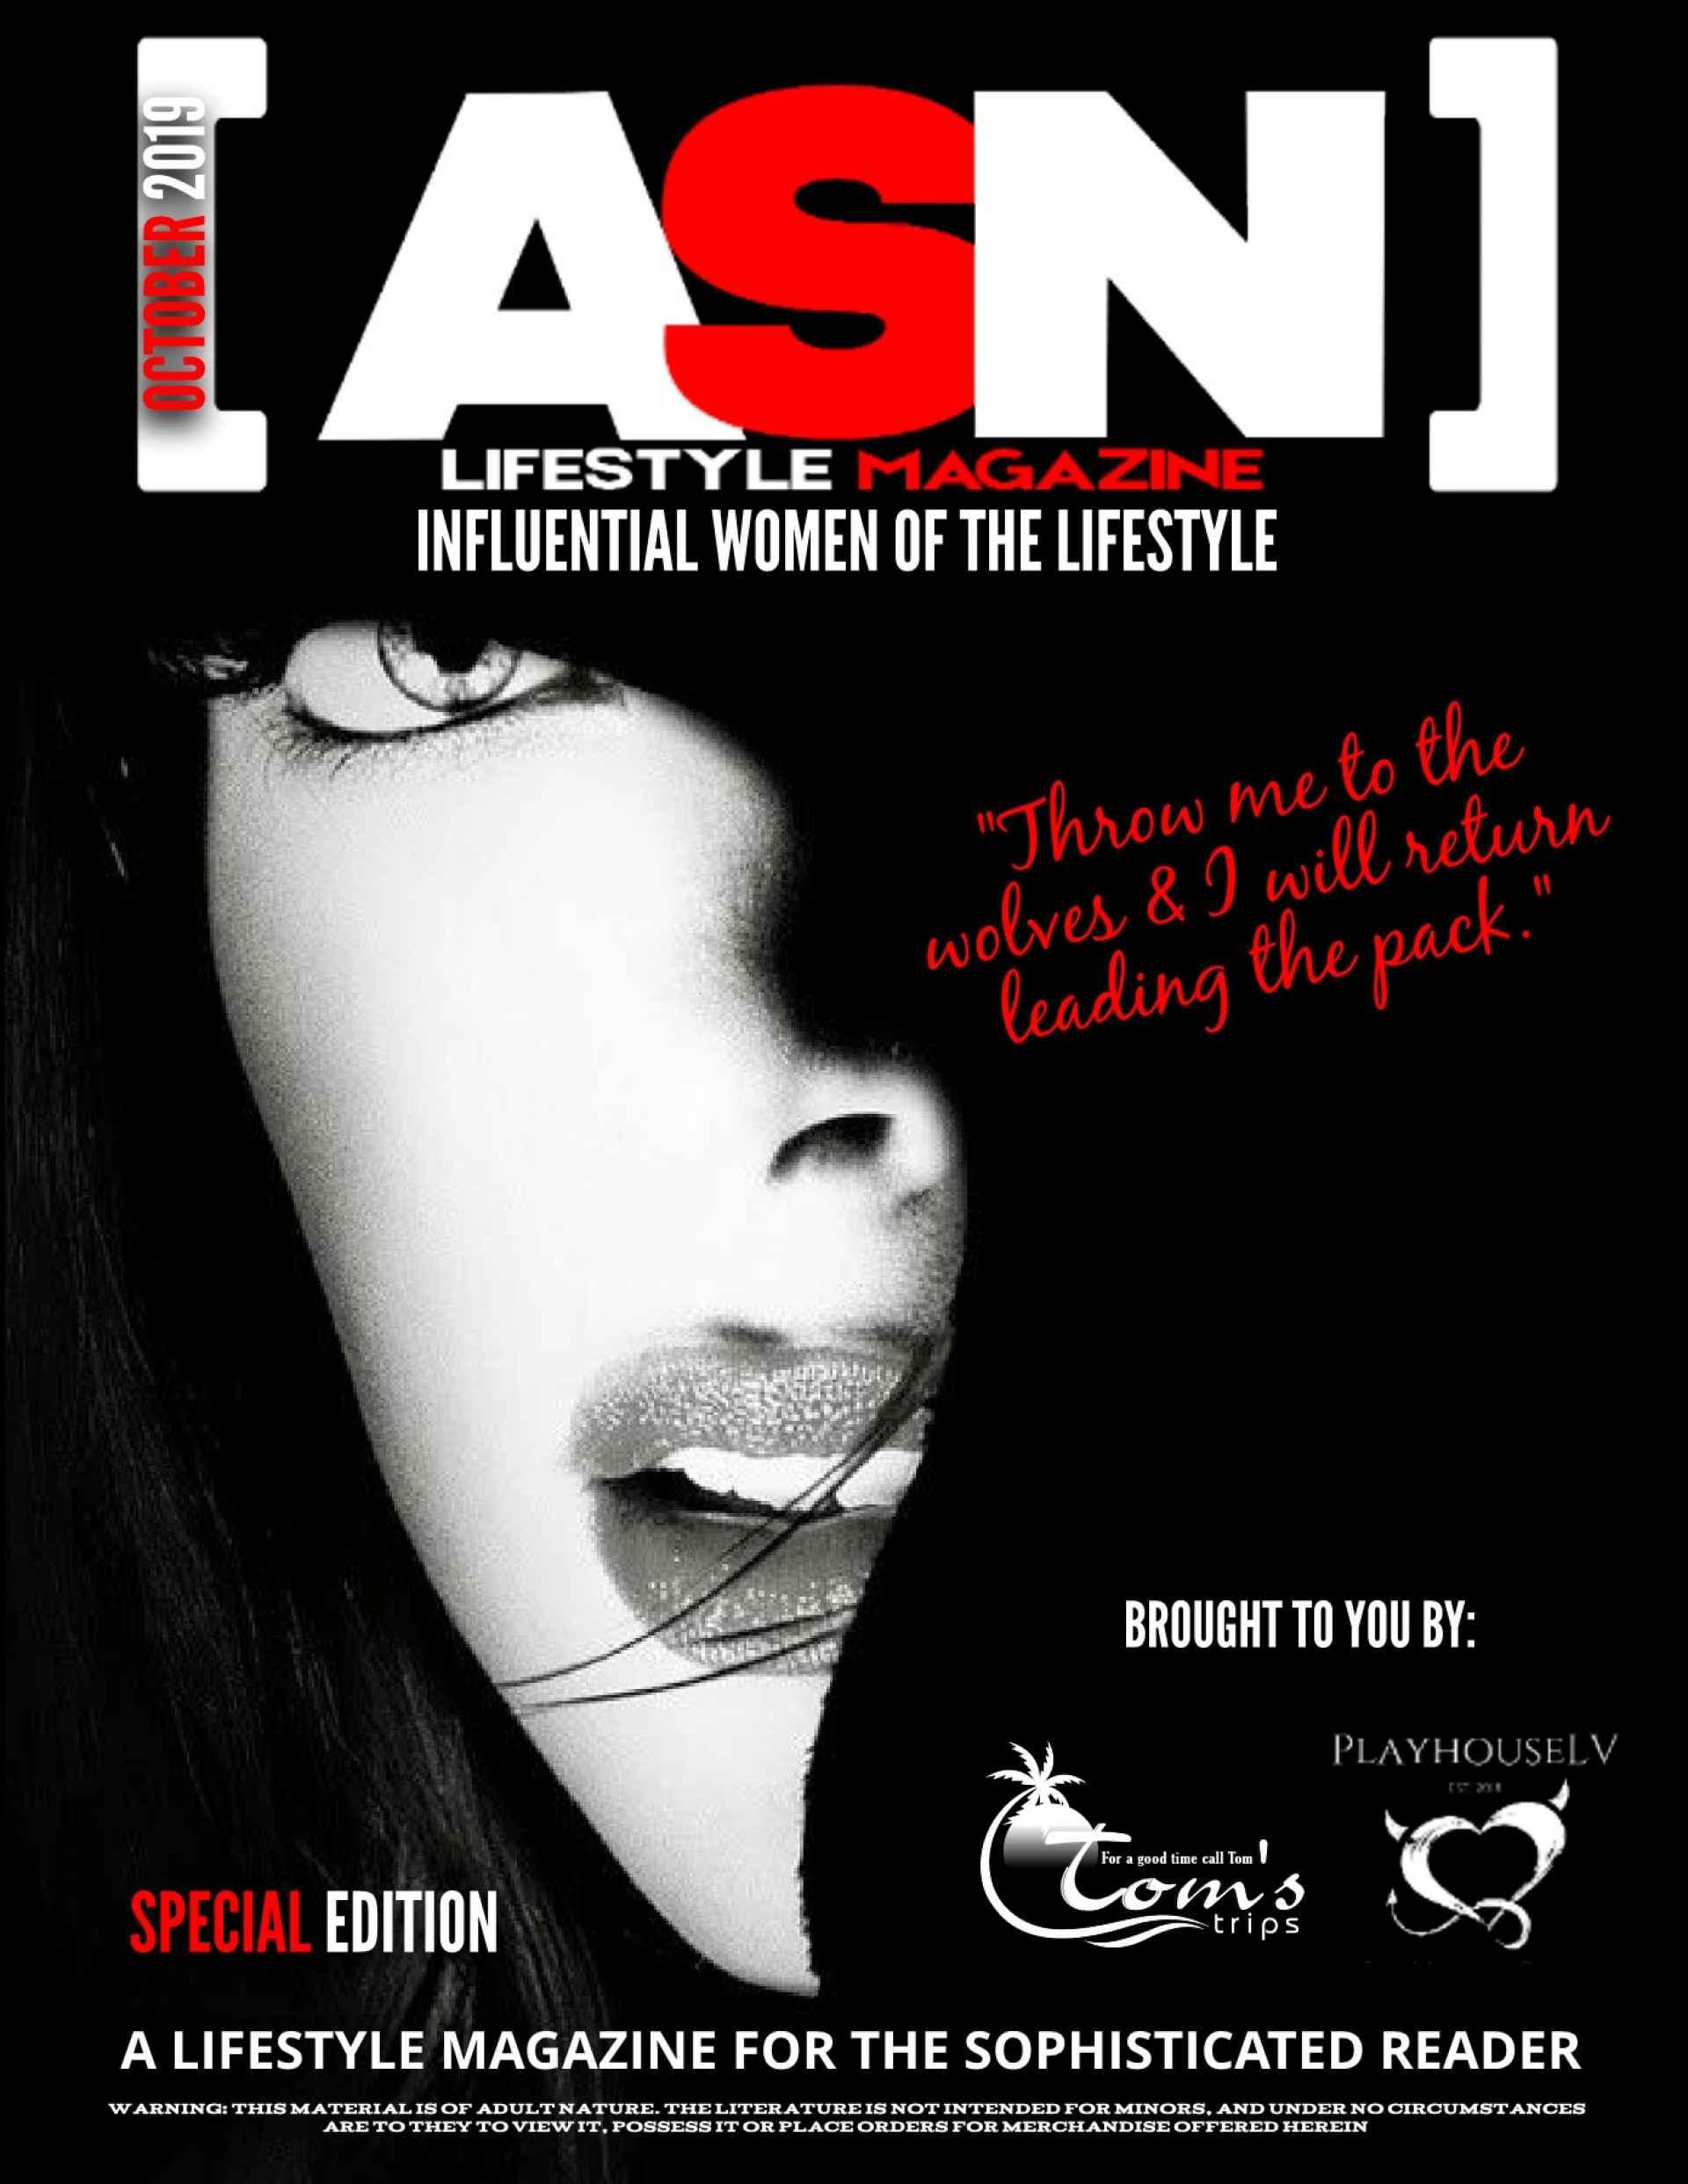 Taara, una donna più influente dello stile di vita dell'ASN SDC.com